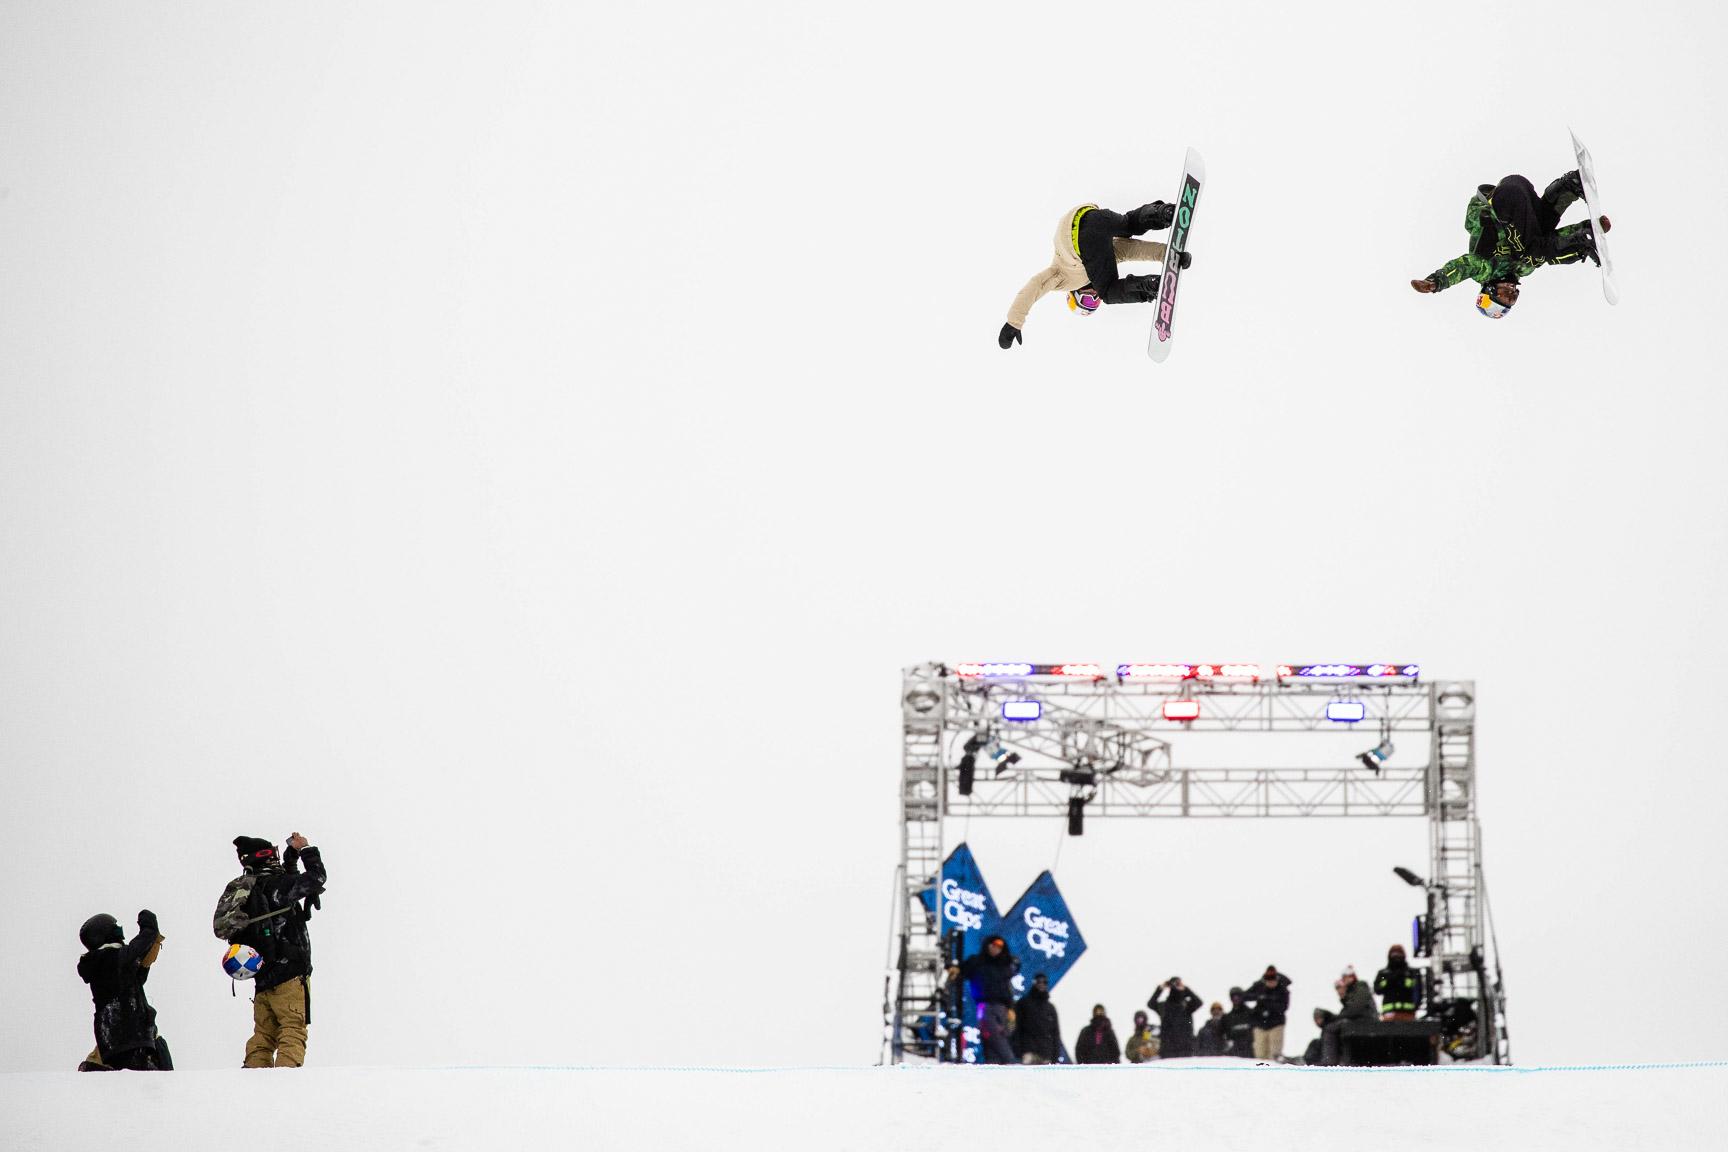 Takeru Otsuka, Yuki Kadono, Snowboard Big Air Practice